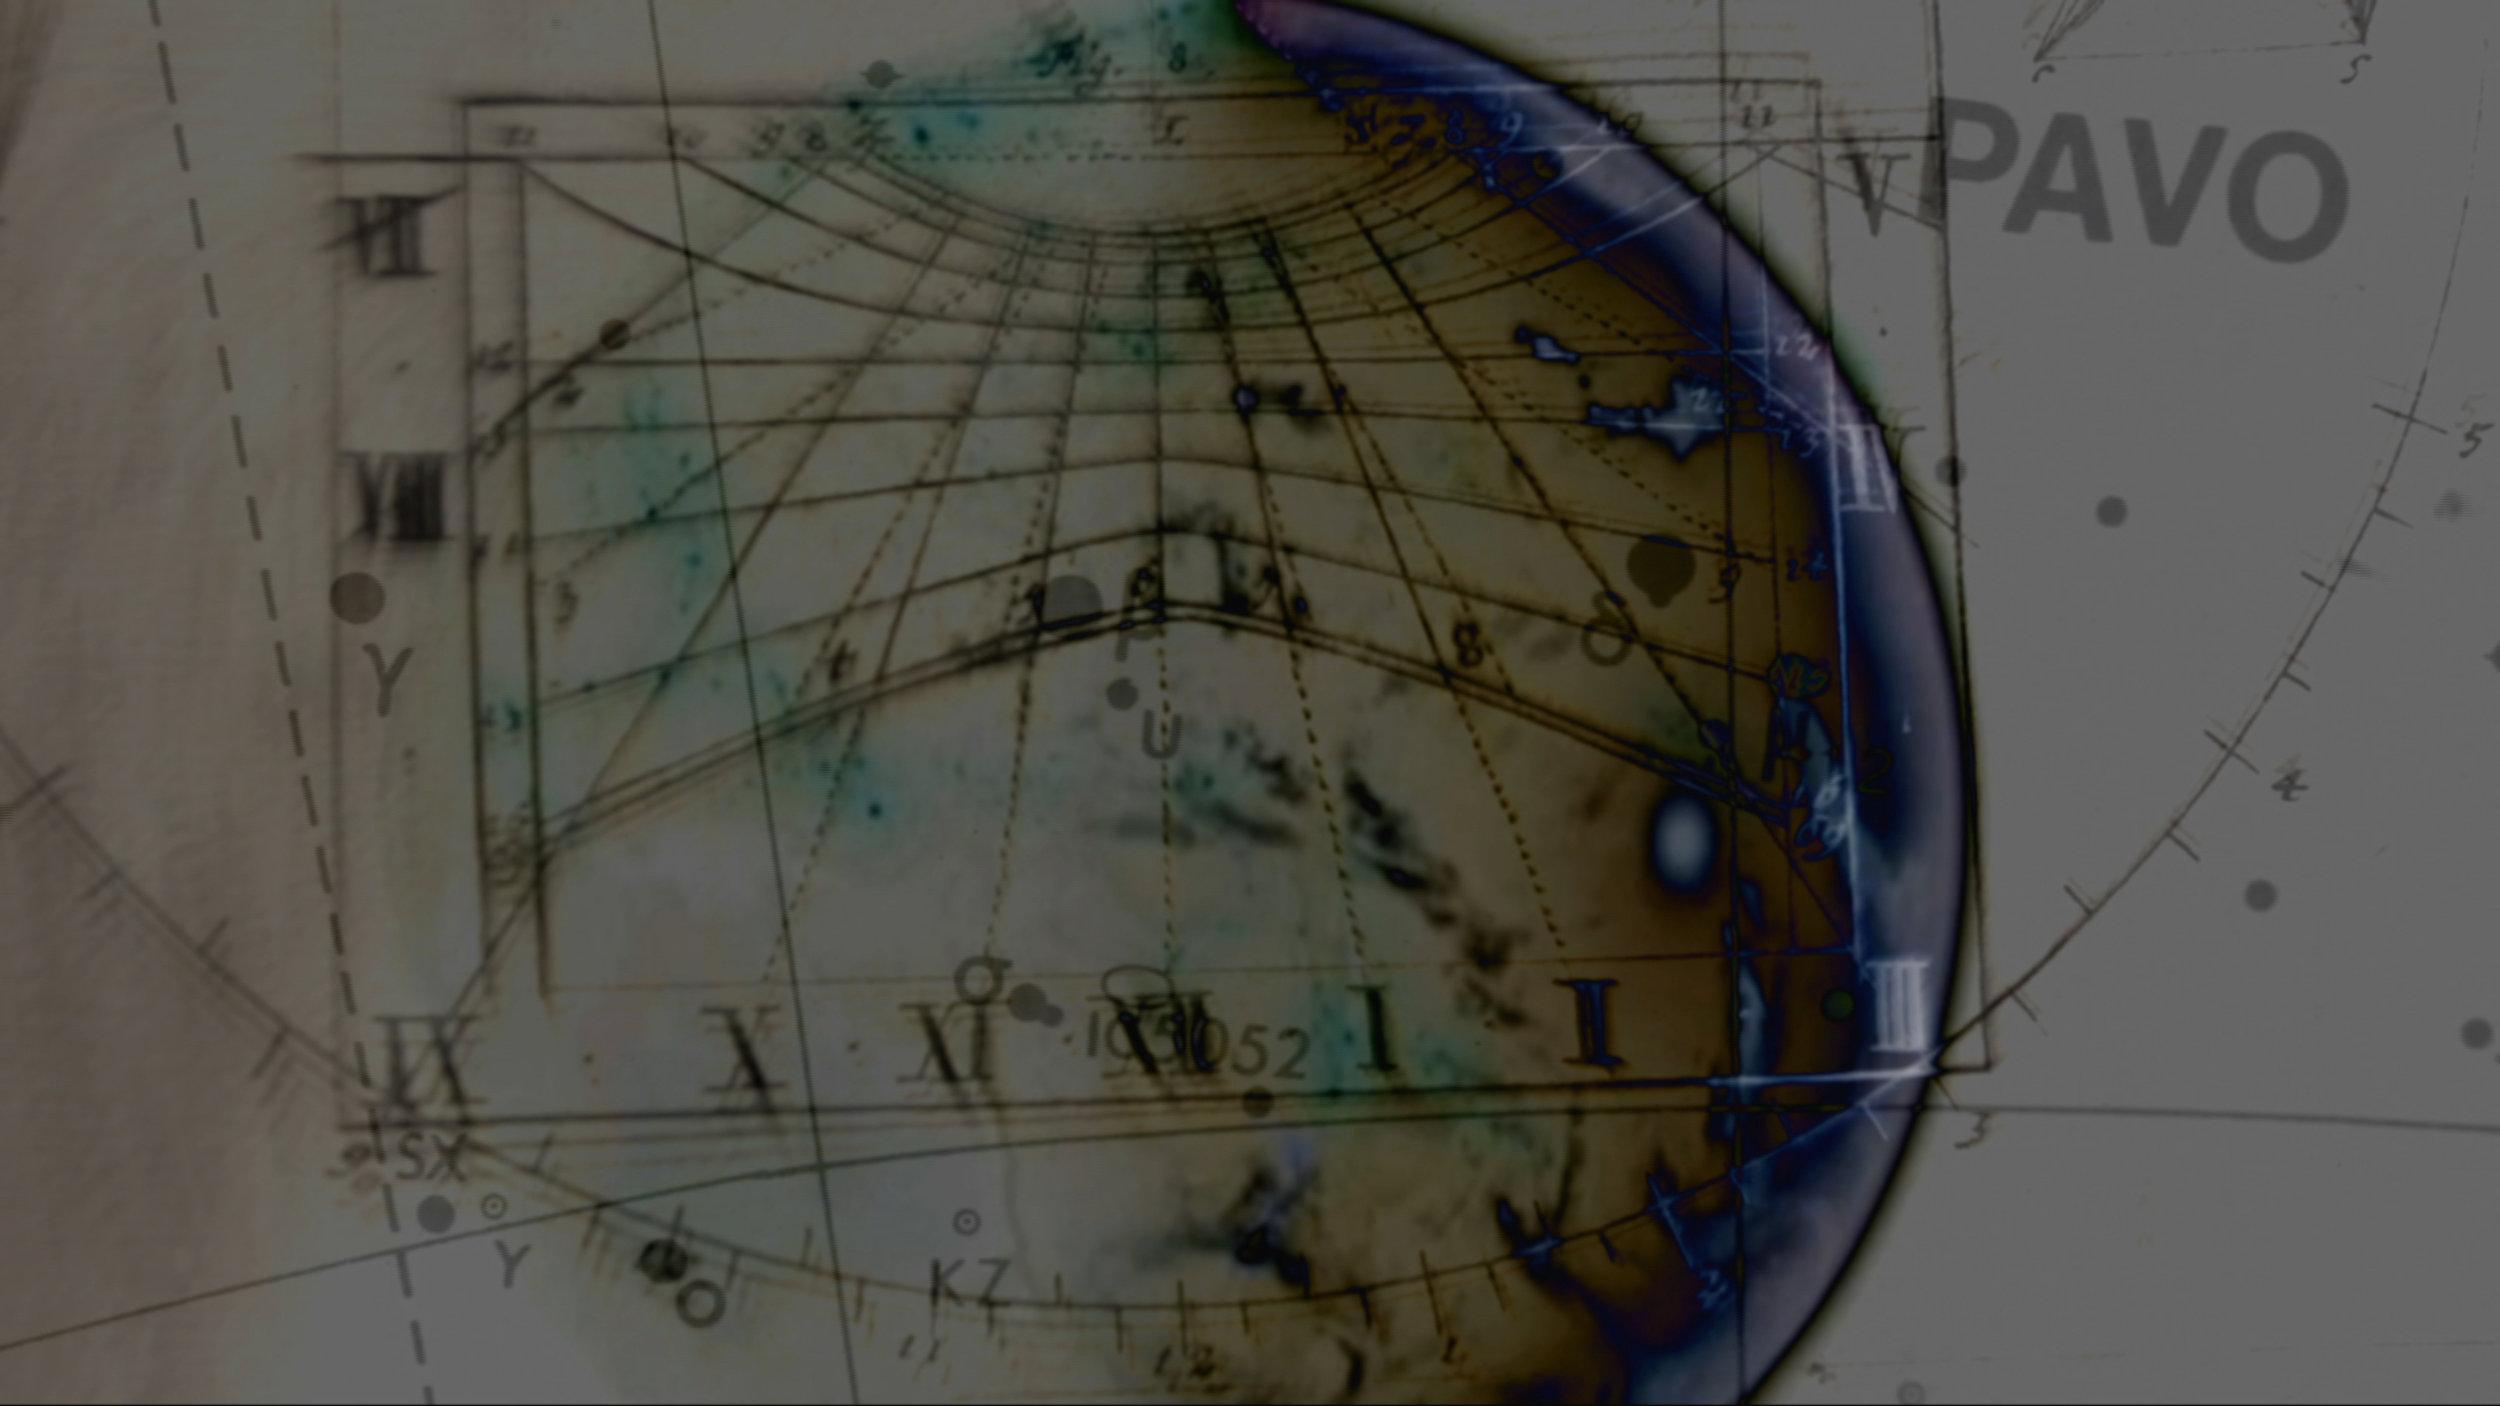 Meteorologies_13.jpeg